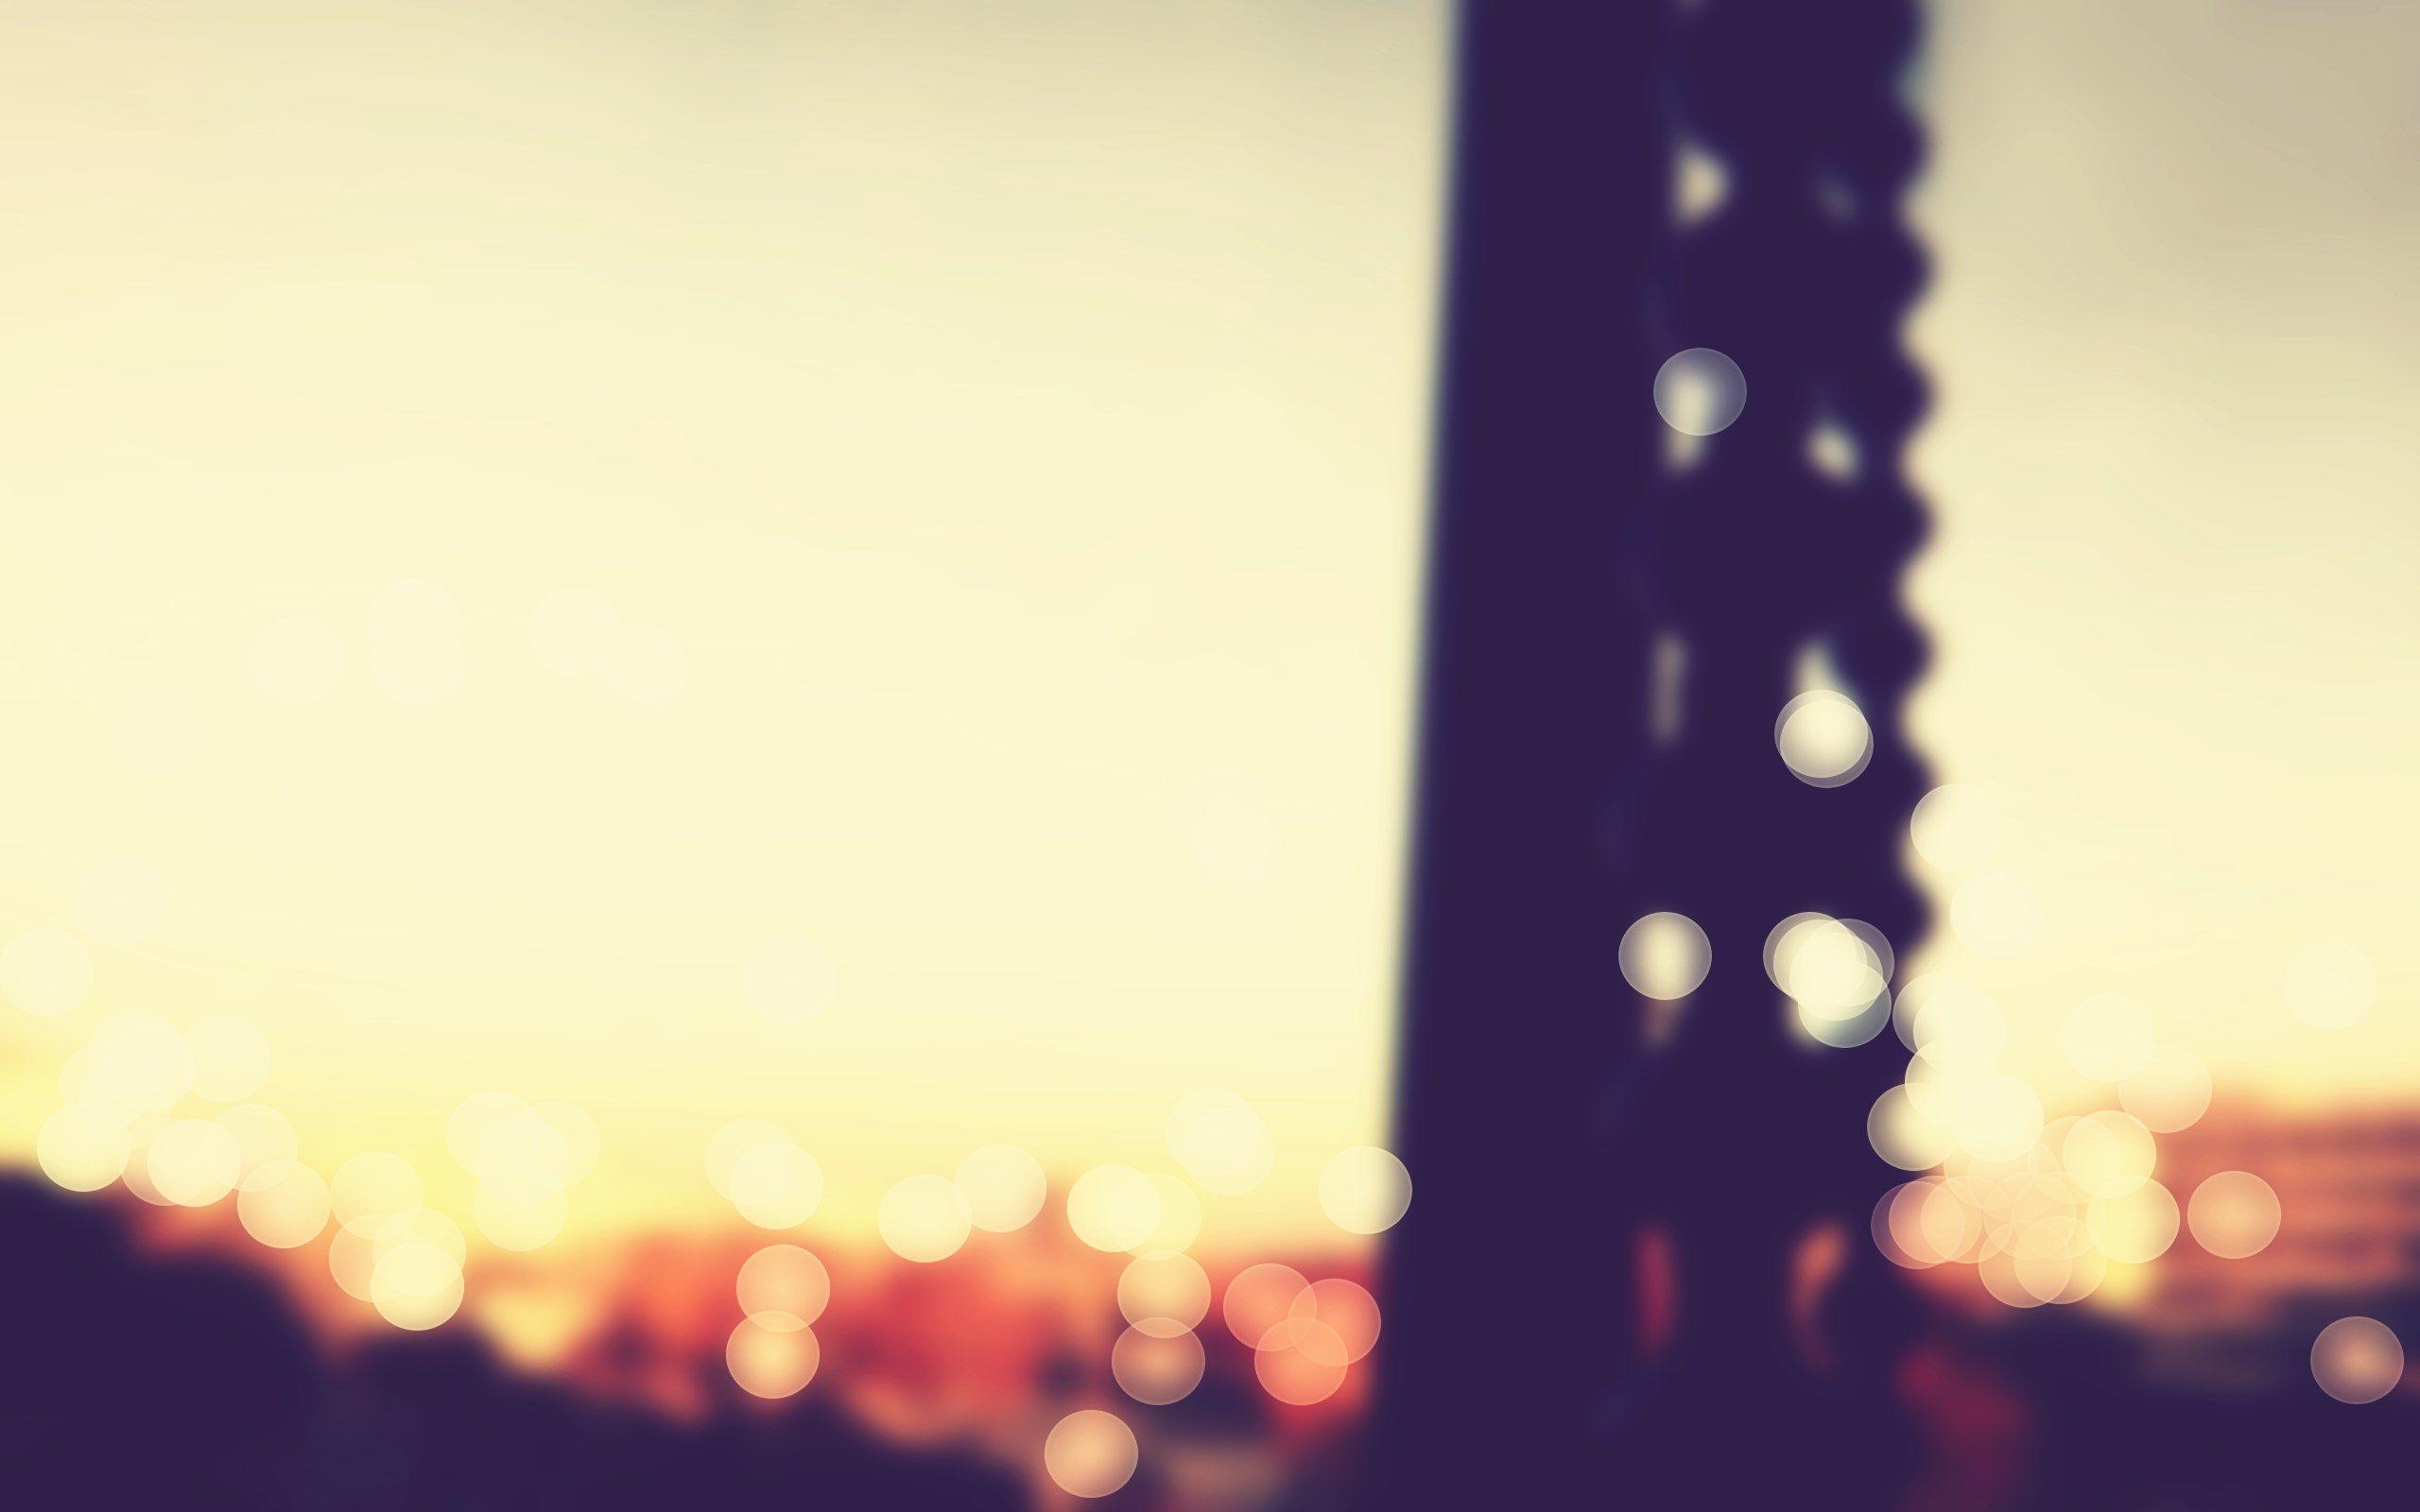 Hd blur wallpaper